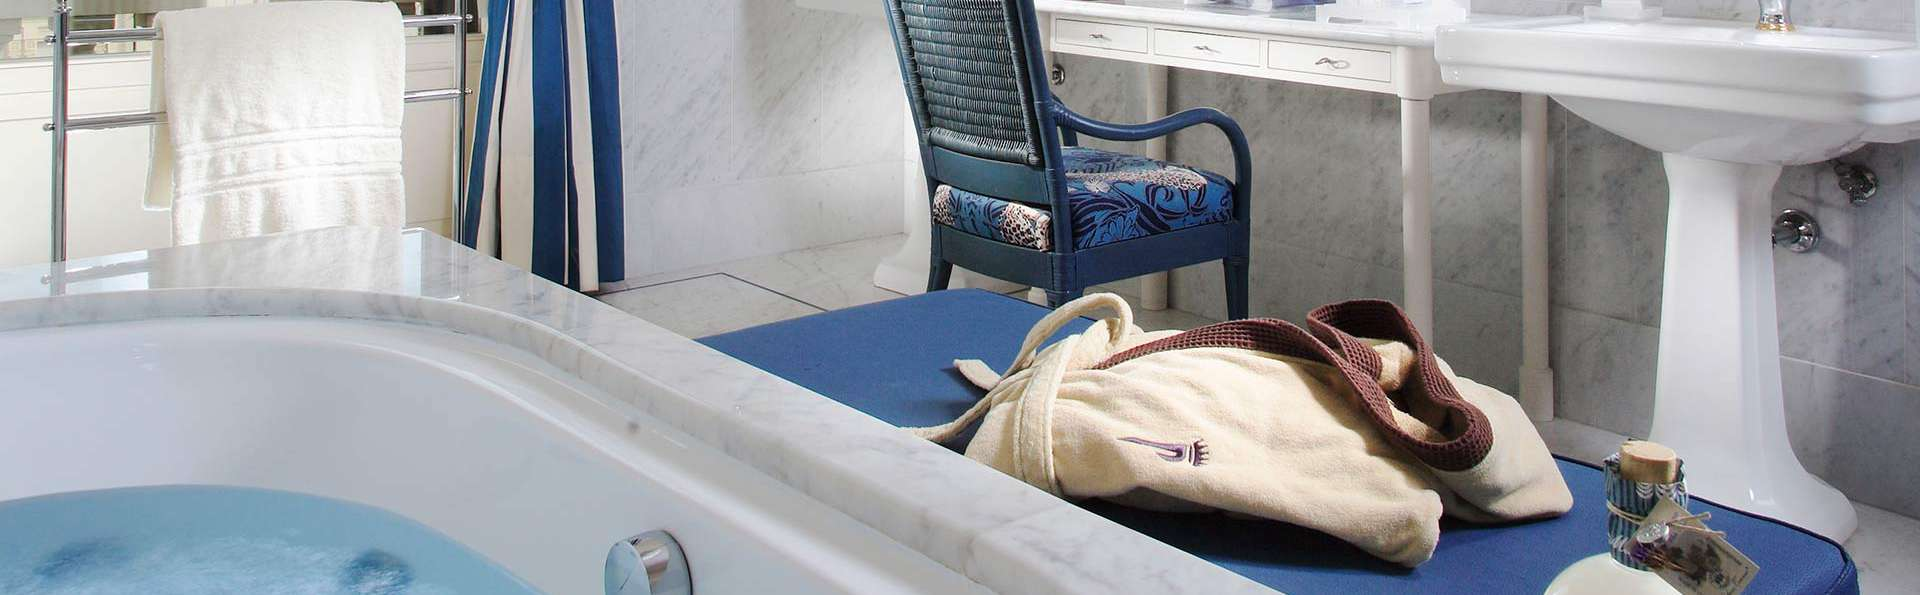 Grand Hotel Principe di Piemonte - EDIT_suitejacuzzi.jpg